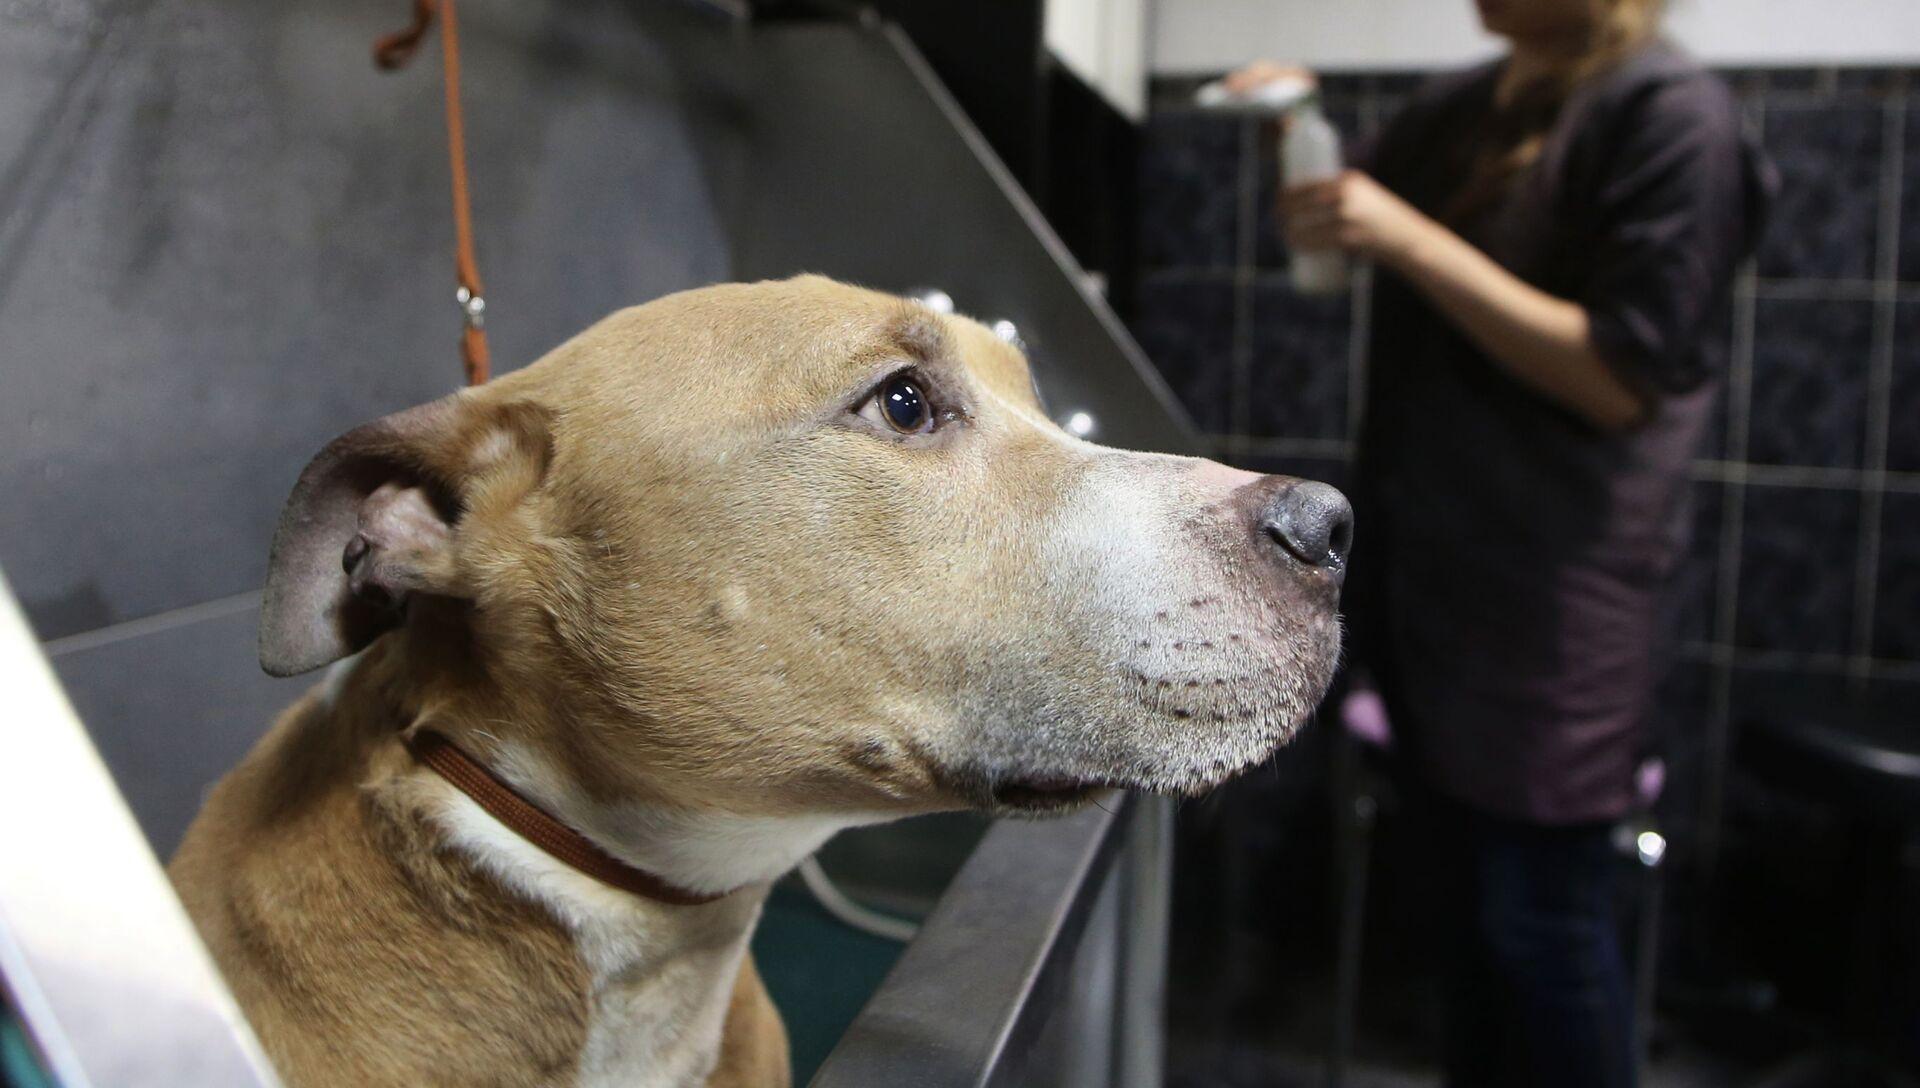 Собака породы стаффордширский терьер на процедуре груминга в салоне по стрижке собак и кошек в Москве - РИА Новости, 1920, 07.11.2020